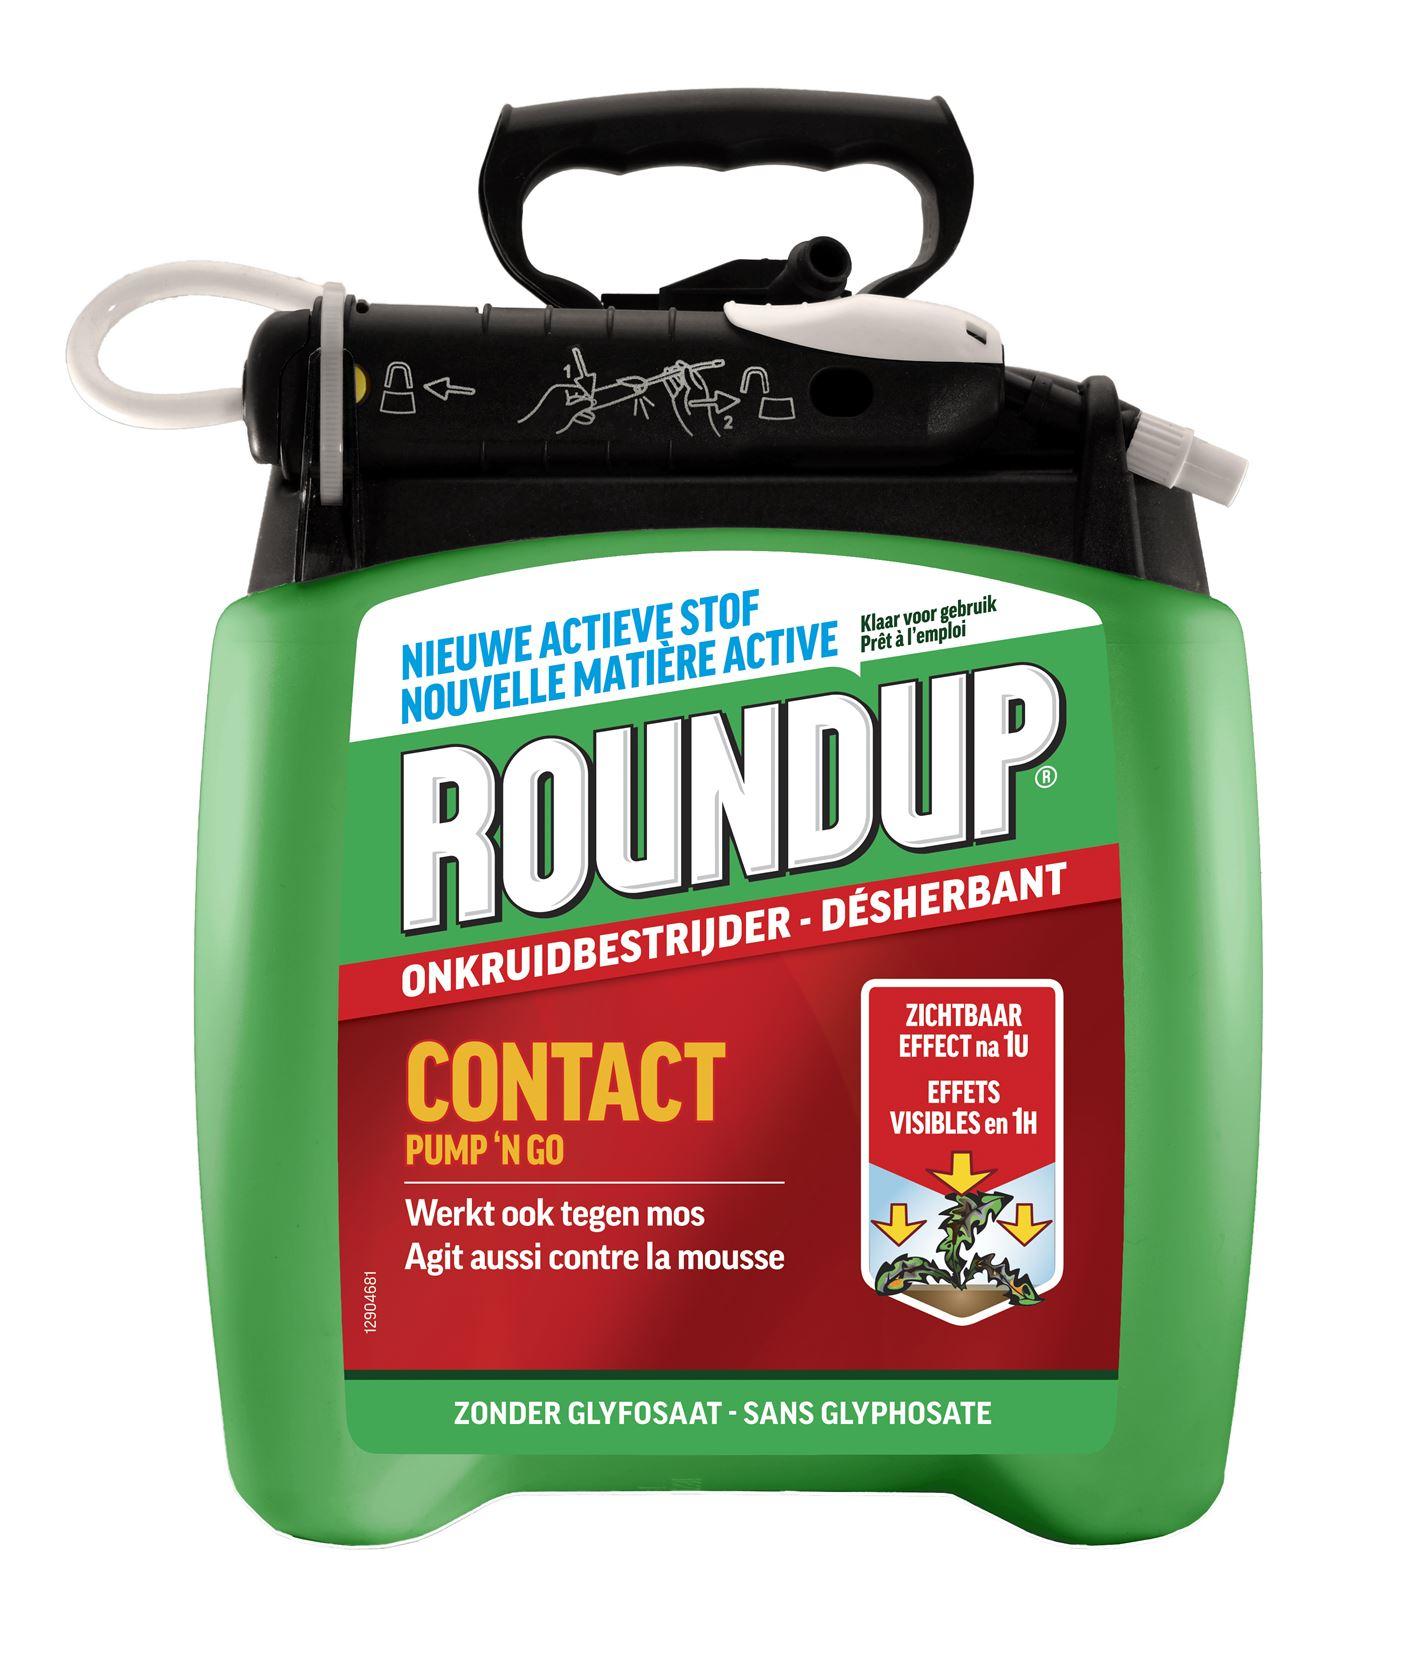 Roundup-Contact-Pump-N-Go-5L